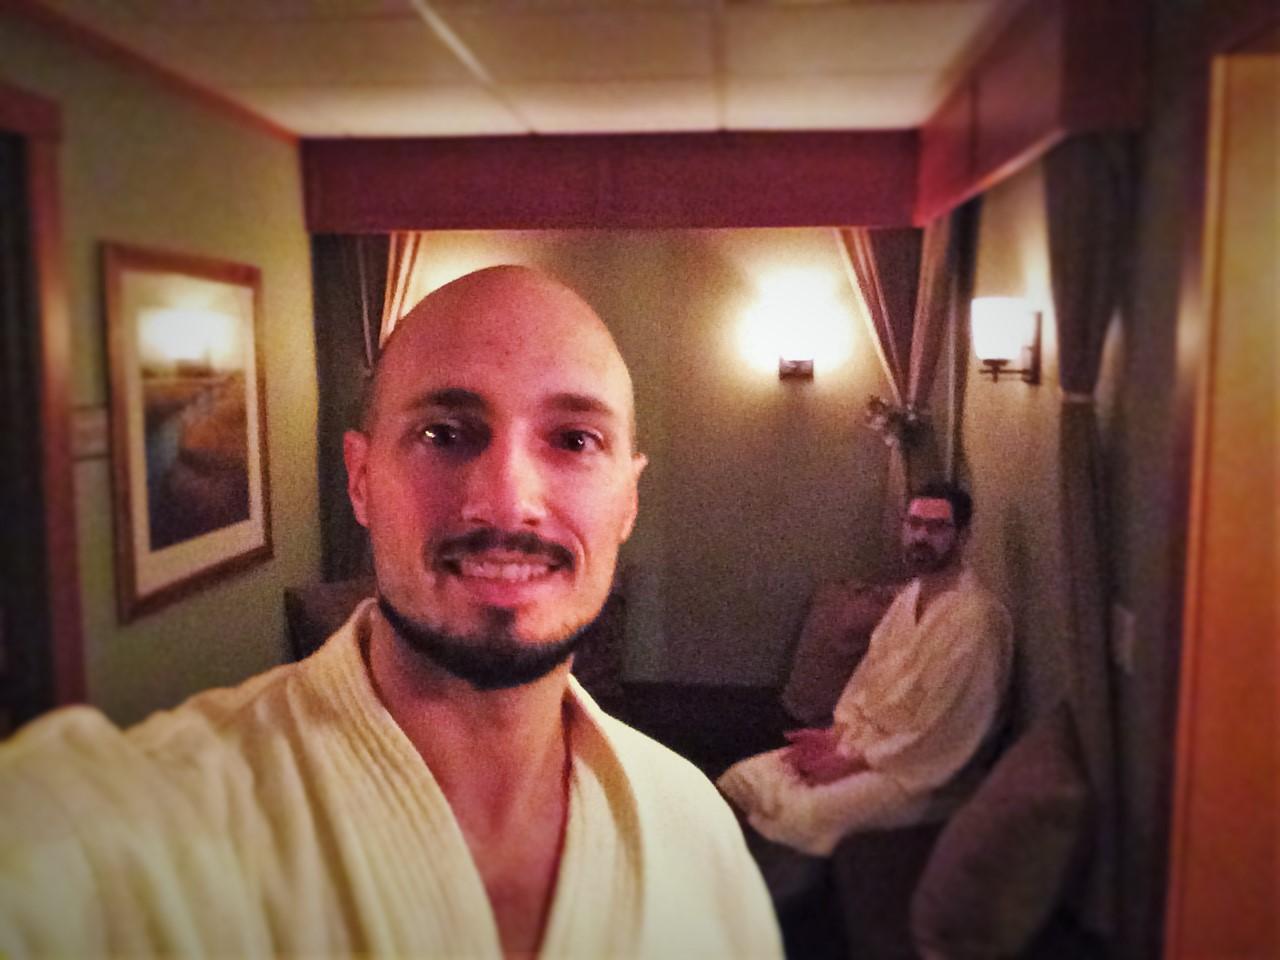 Chris-and-Rob-Taylor-waiting-in-Waterleaf-Spa-at-Skamania-Lodge-1.jpg